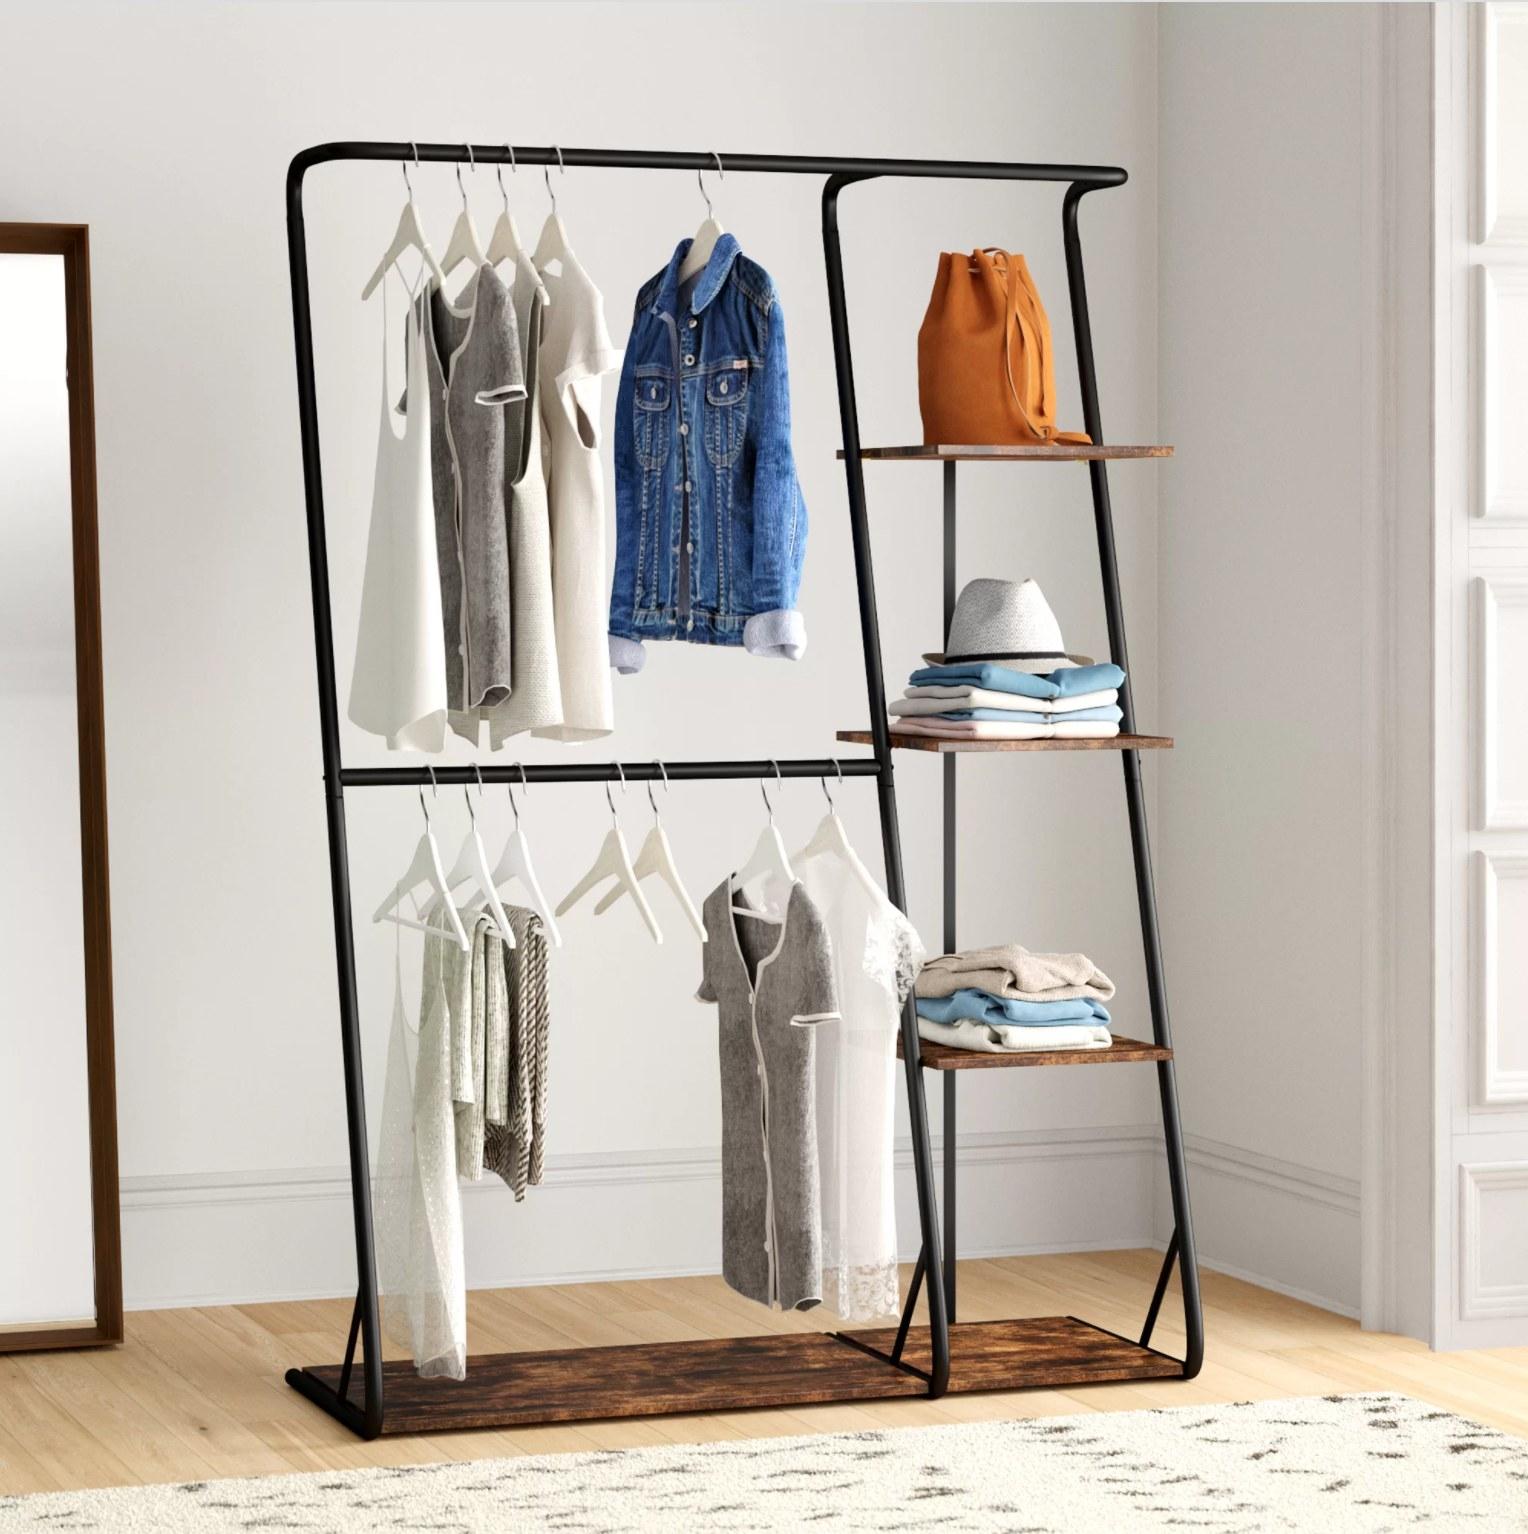 The open-face wardrobe